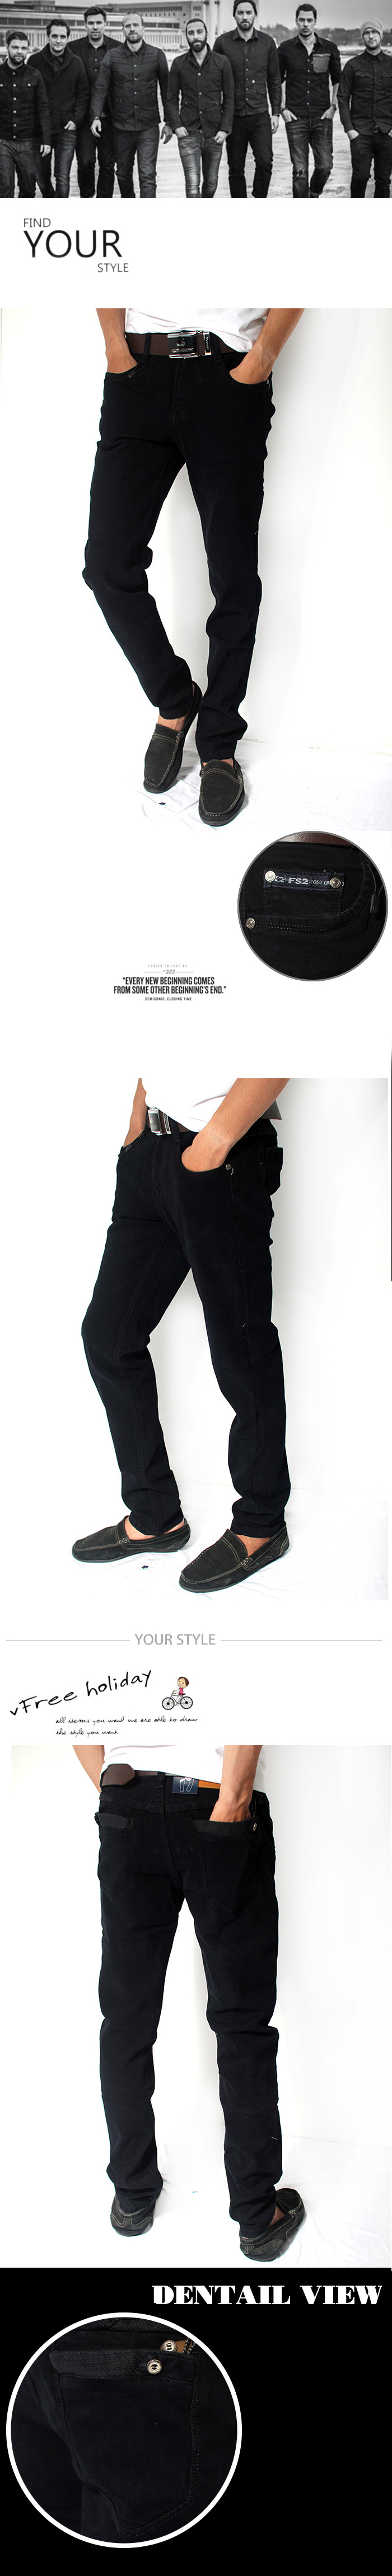 Quần jean đen qj1167 - 1